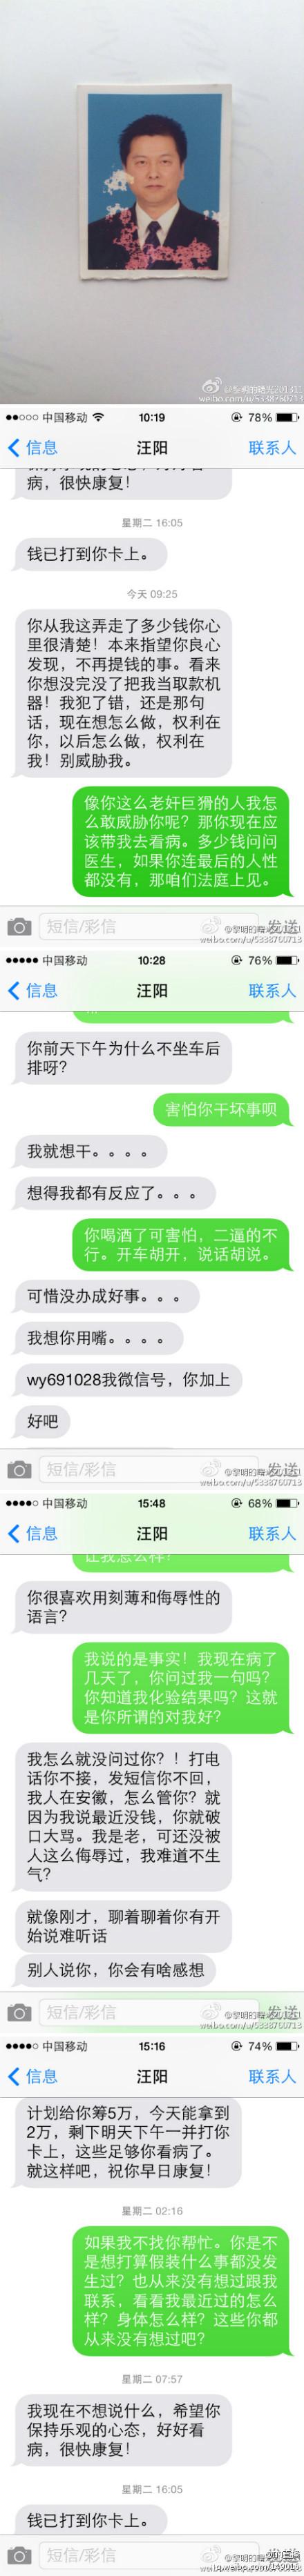 千河镇汪阳被曝光强奸